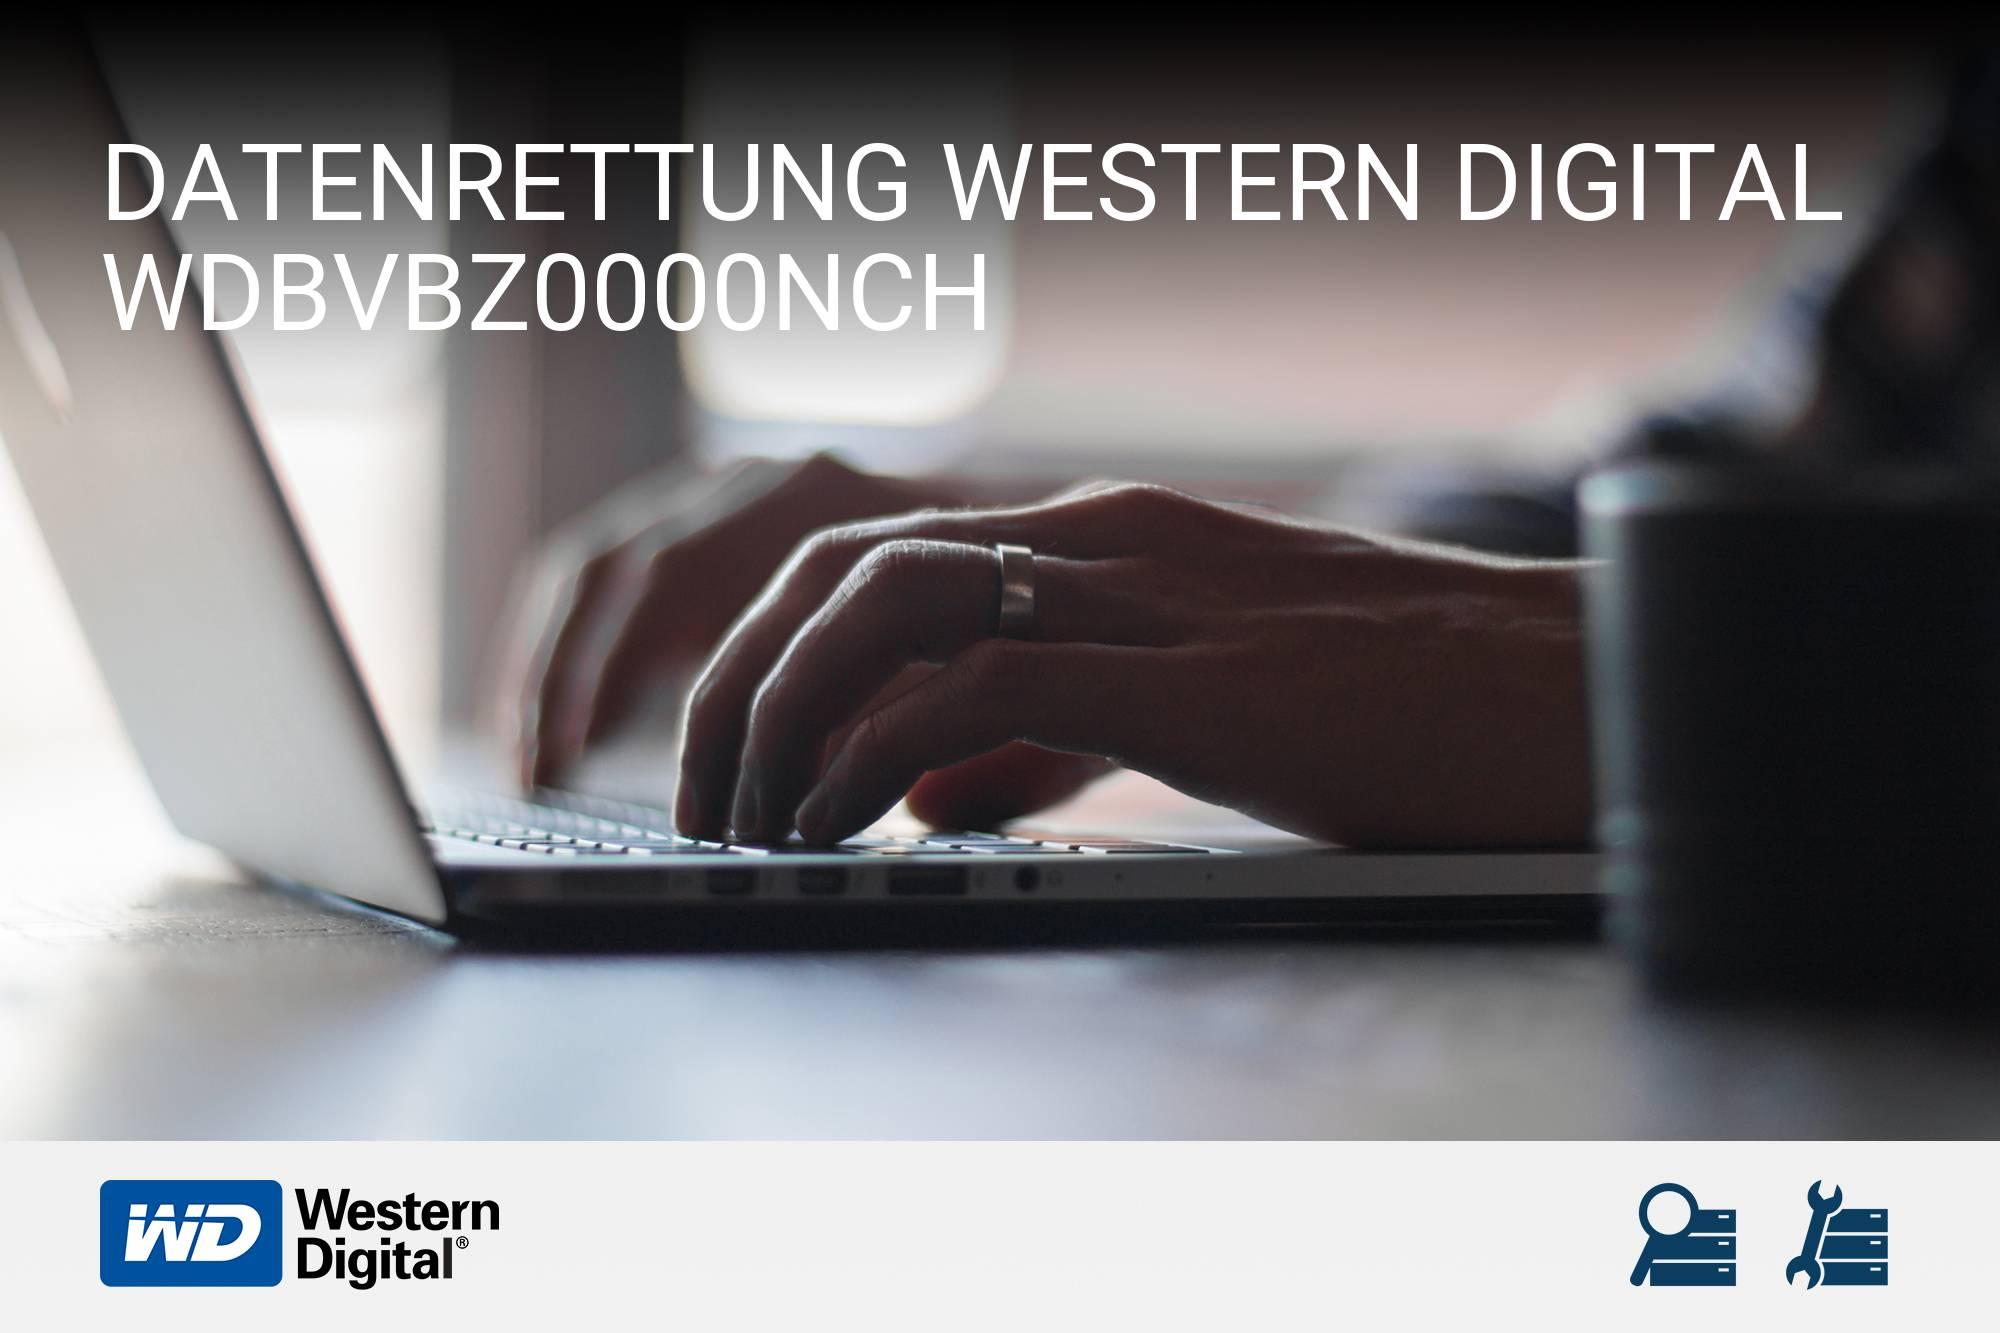 Western Digital WDBVBZ0000NCH